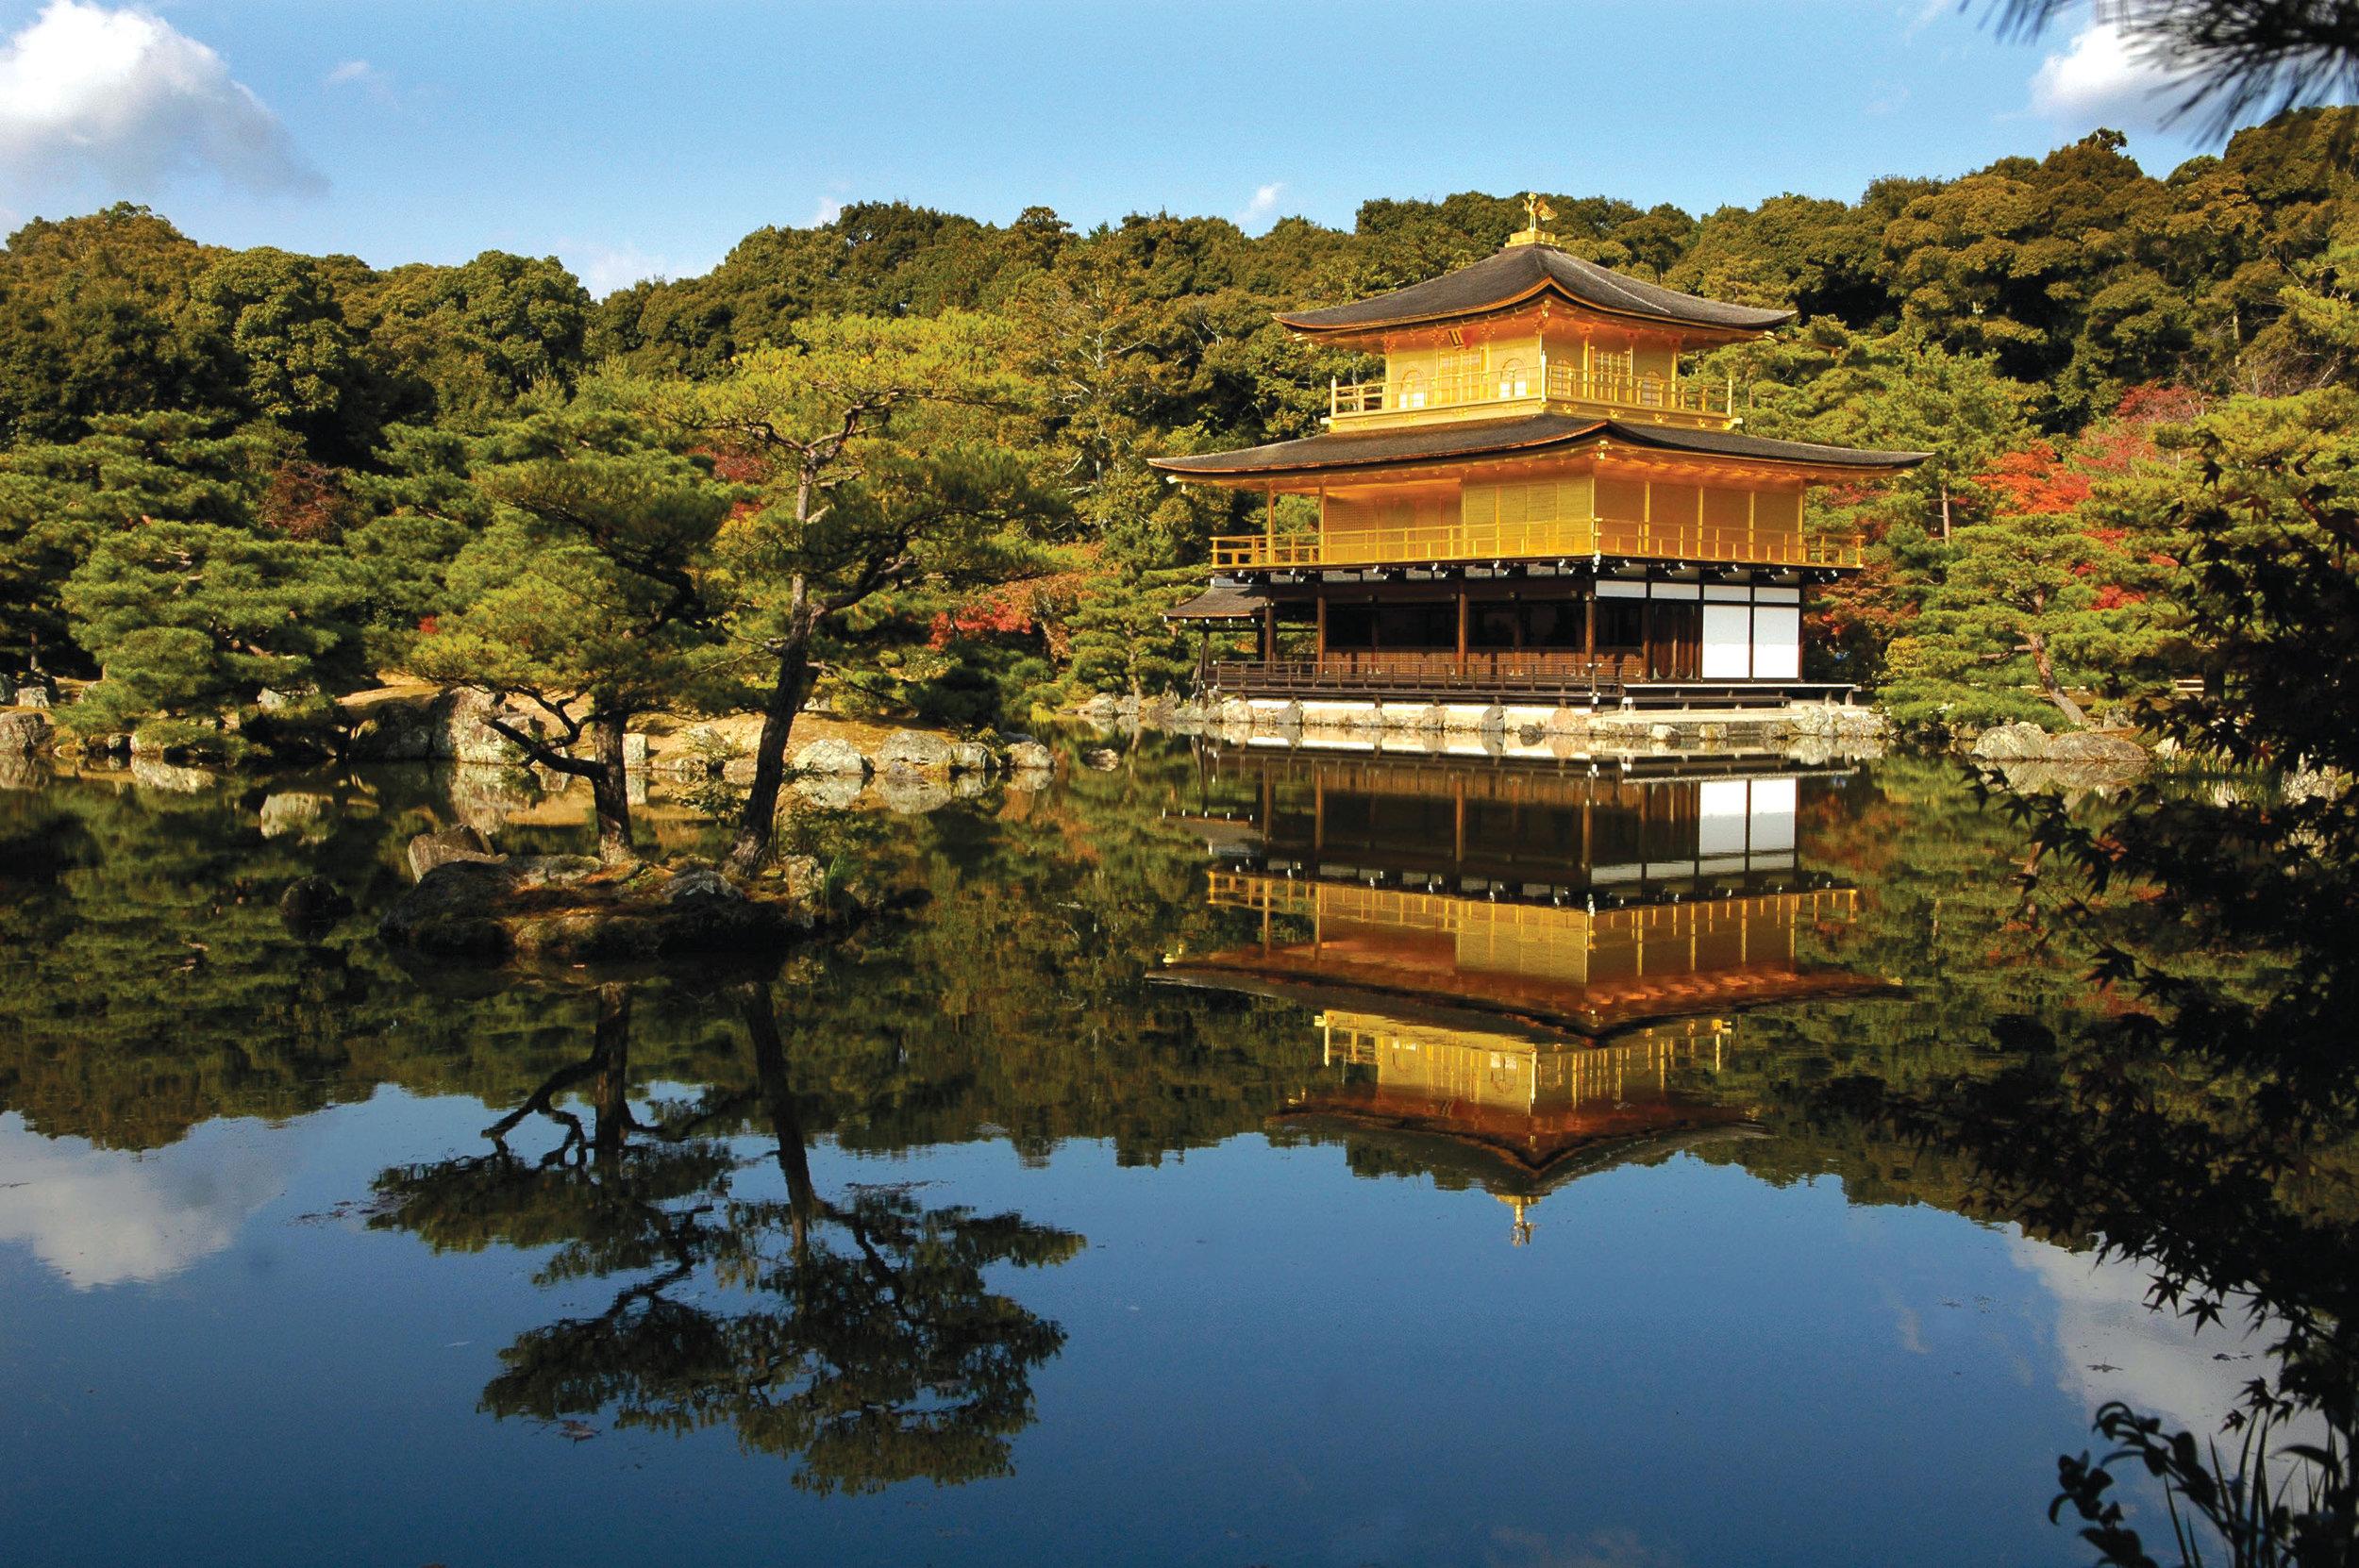 Kinkaku_ji_golden_pav.jpg